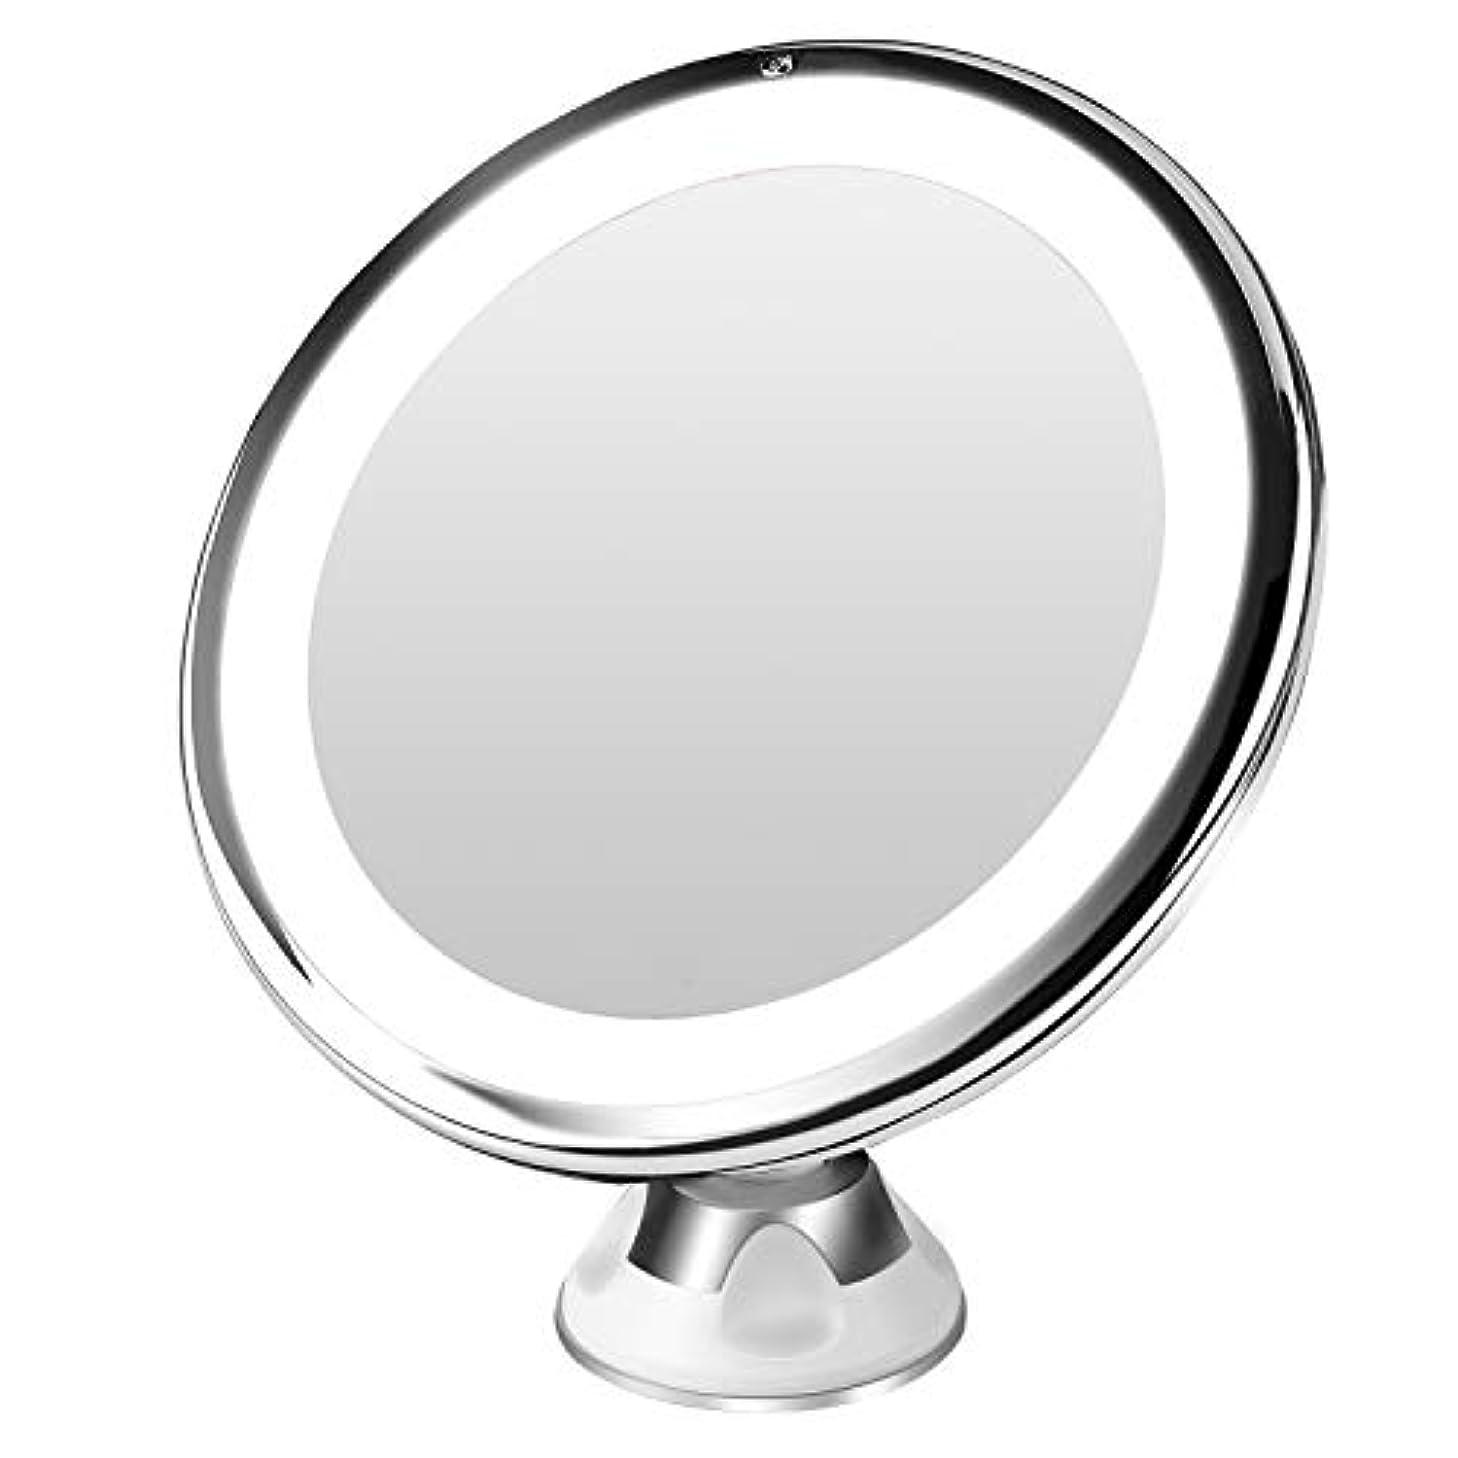 自分多くの危険がある状況官僚BESTOPE 10倍拡大鏡 LED化粧鏡 浴室鏡 卓上鏡 曇らないミラー 吸盤ロック付きLEDミラー 壁掛けメイクミラー 360度回転スタンドミラー 単四電池&USB給電(改良版)